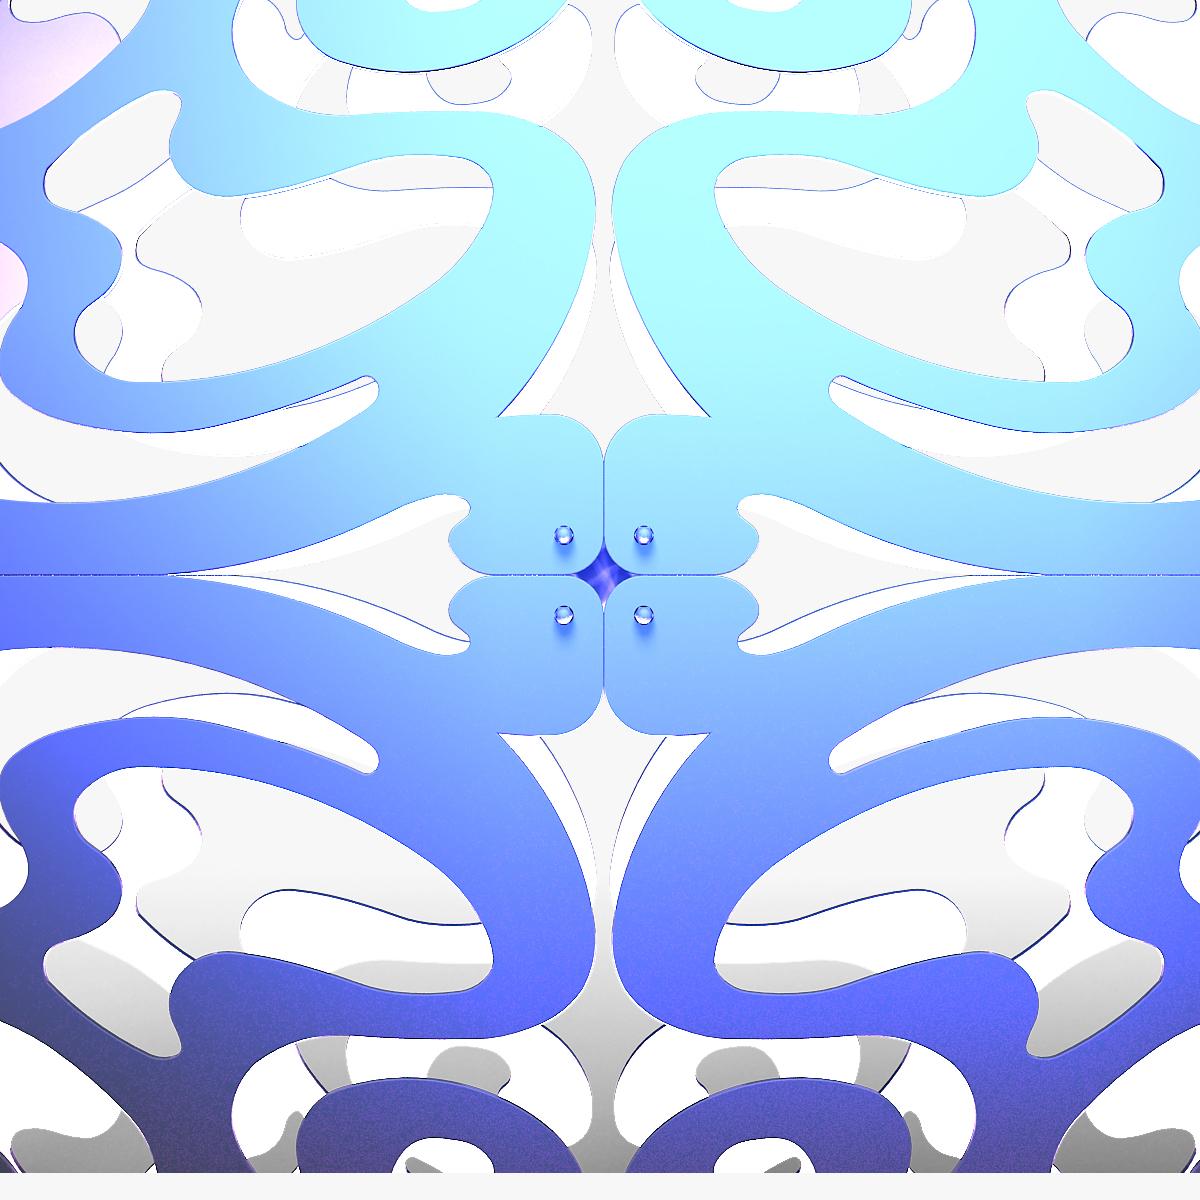 70-09-09-1200x1200.jpg Télécharger fichier STL Collection de décors de scène 01 (Modulaire 9 pièces) • Design pour imprimante 3D, akerStudio